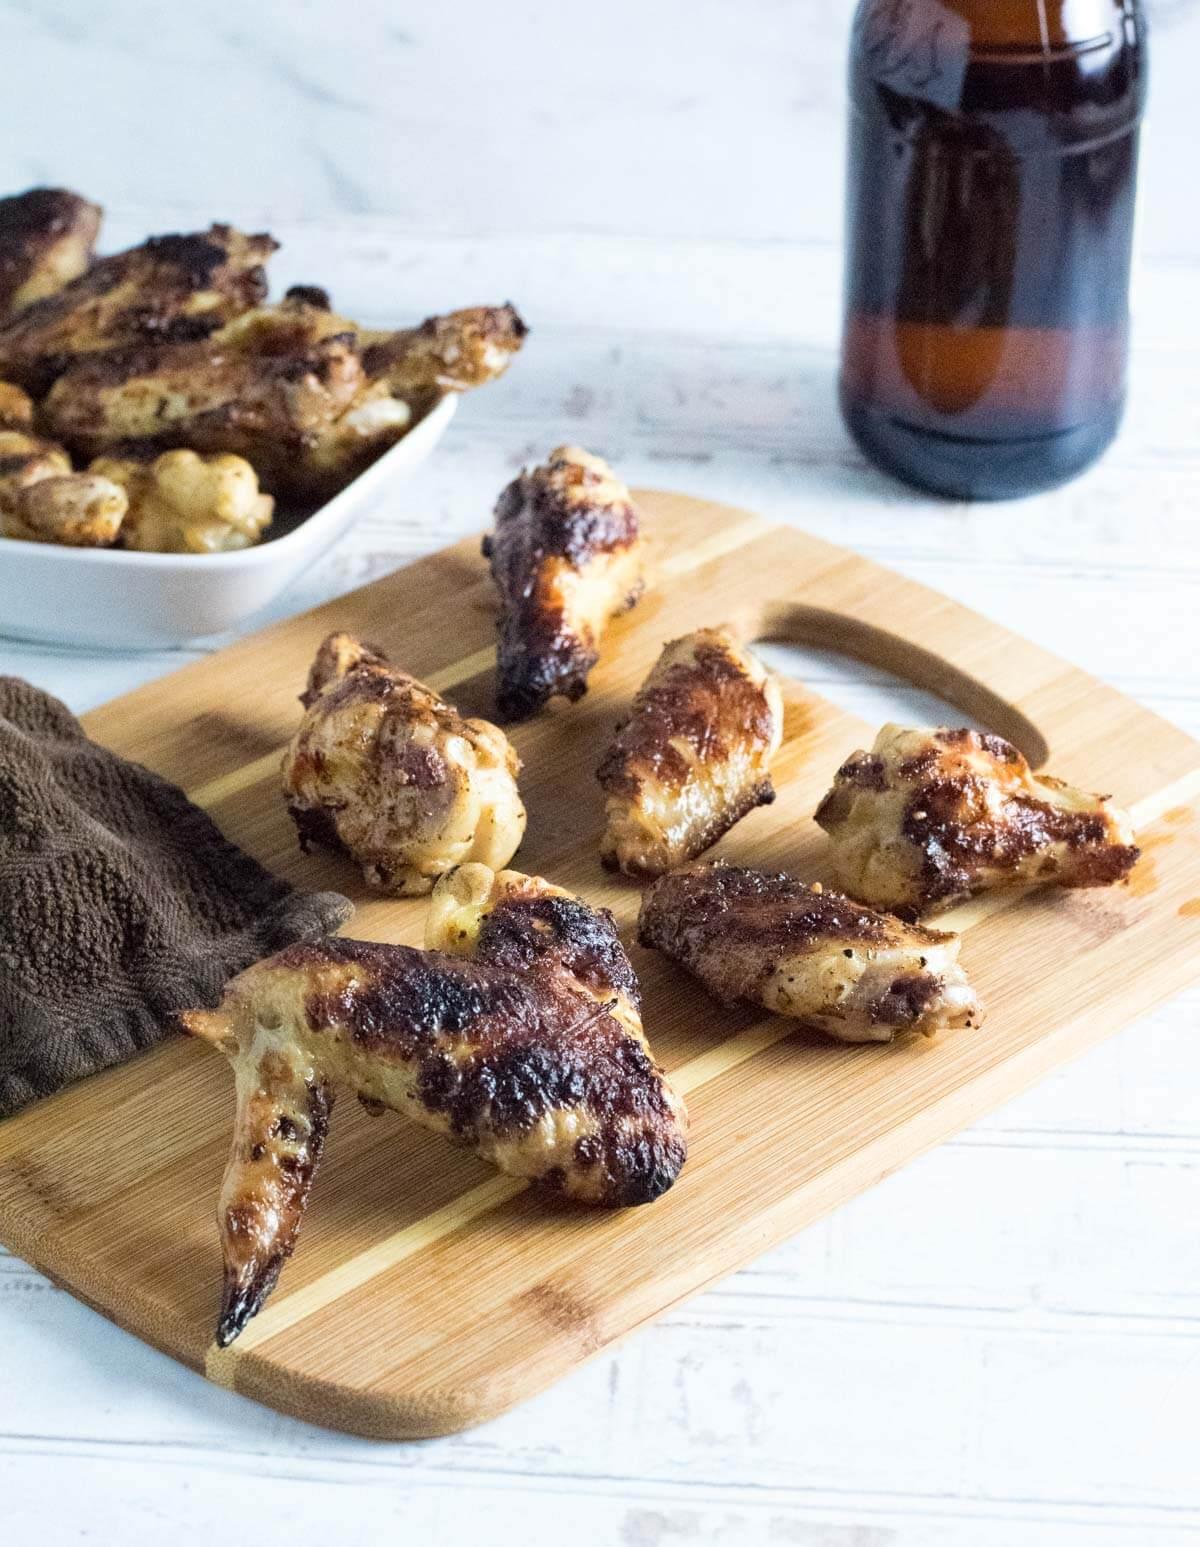 Serving beer brined chicken wings.